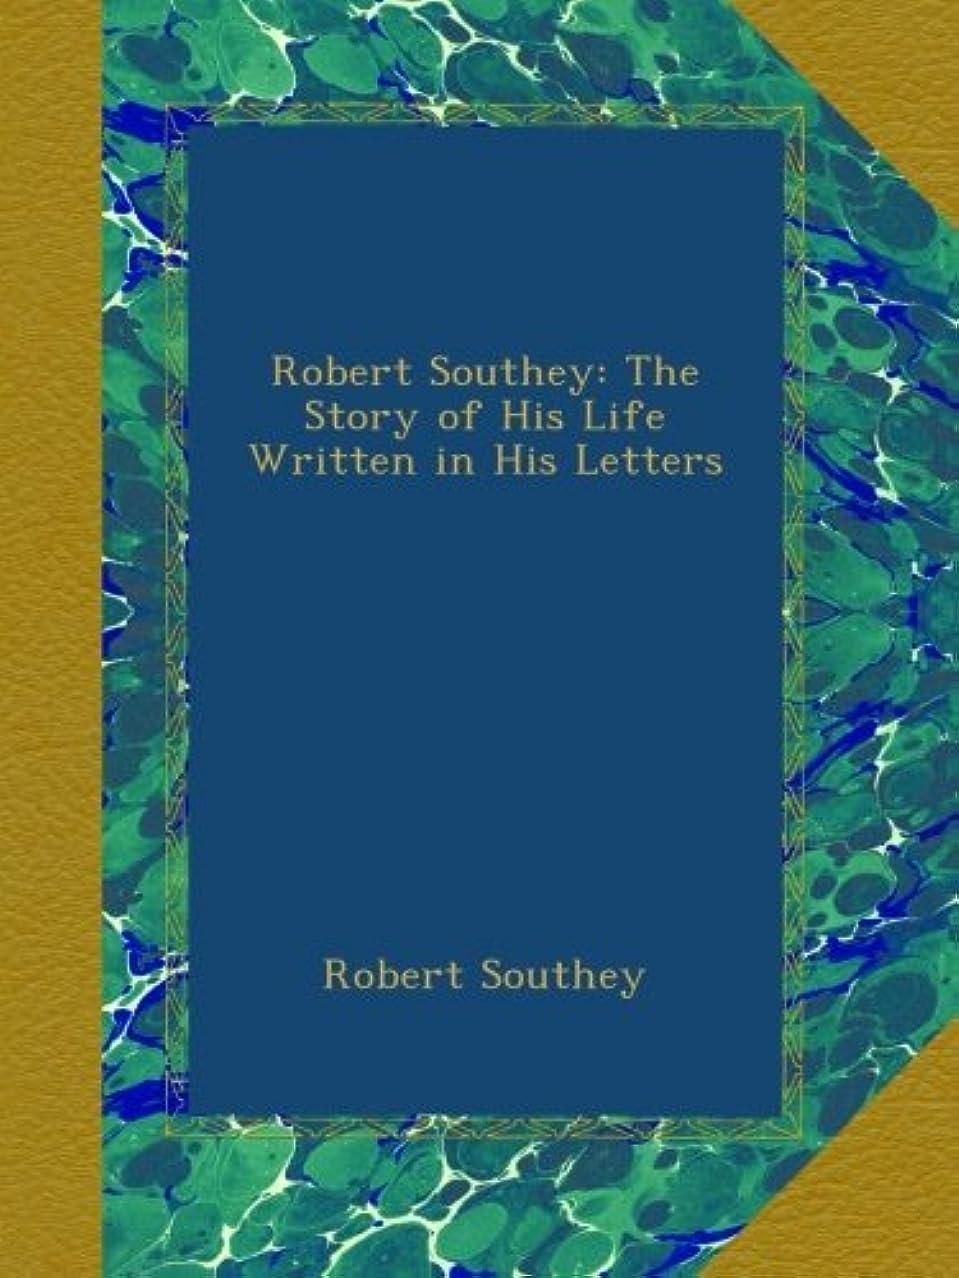 訴えるキリマンジャロ集団的Robert Southey: The Story of His Life Written in His Letters